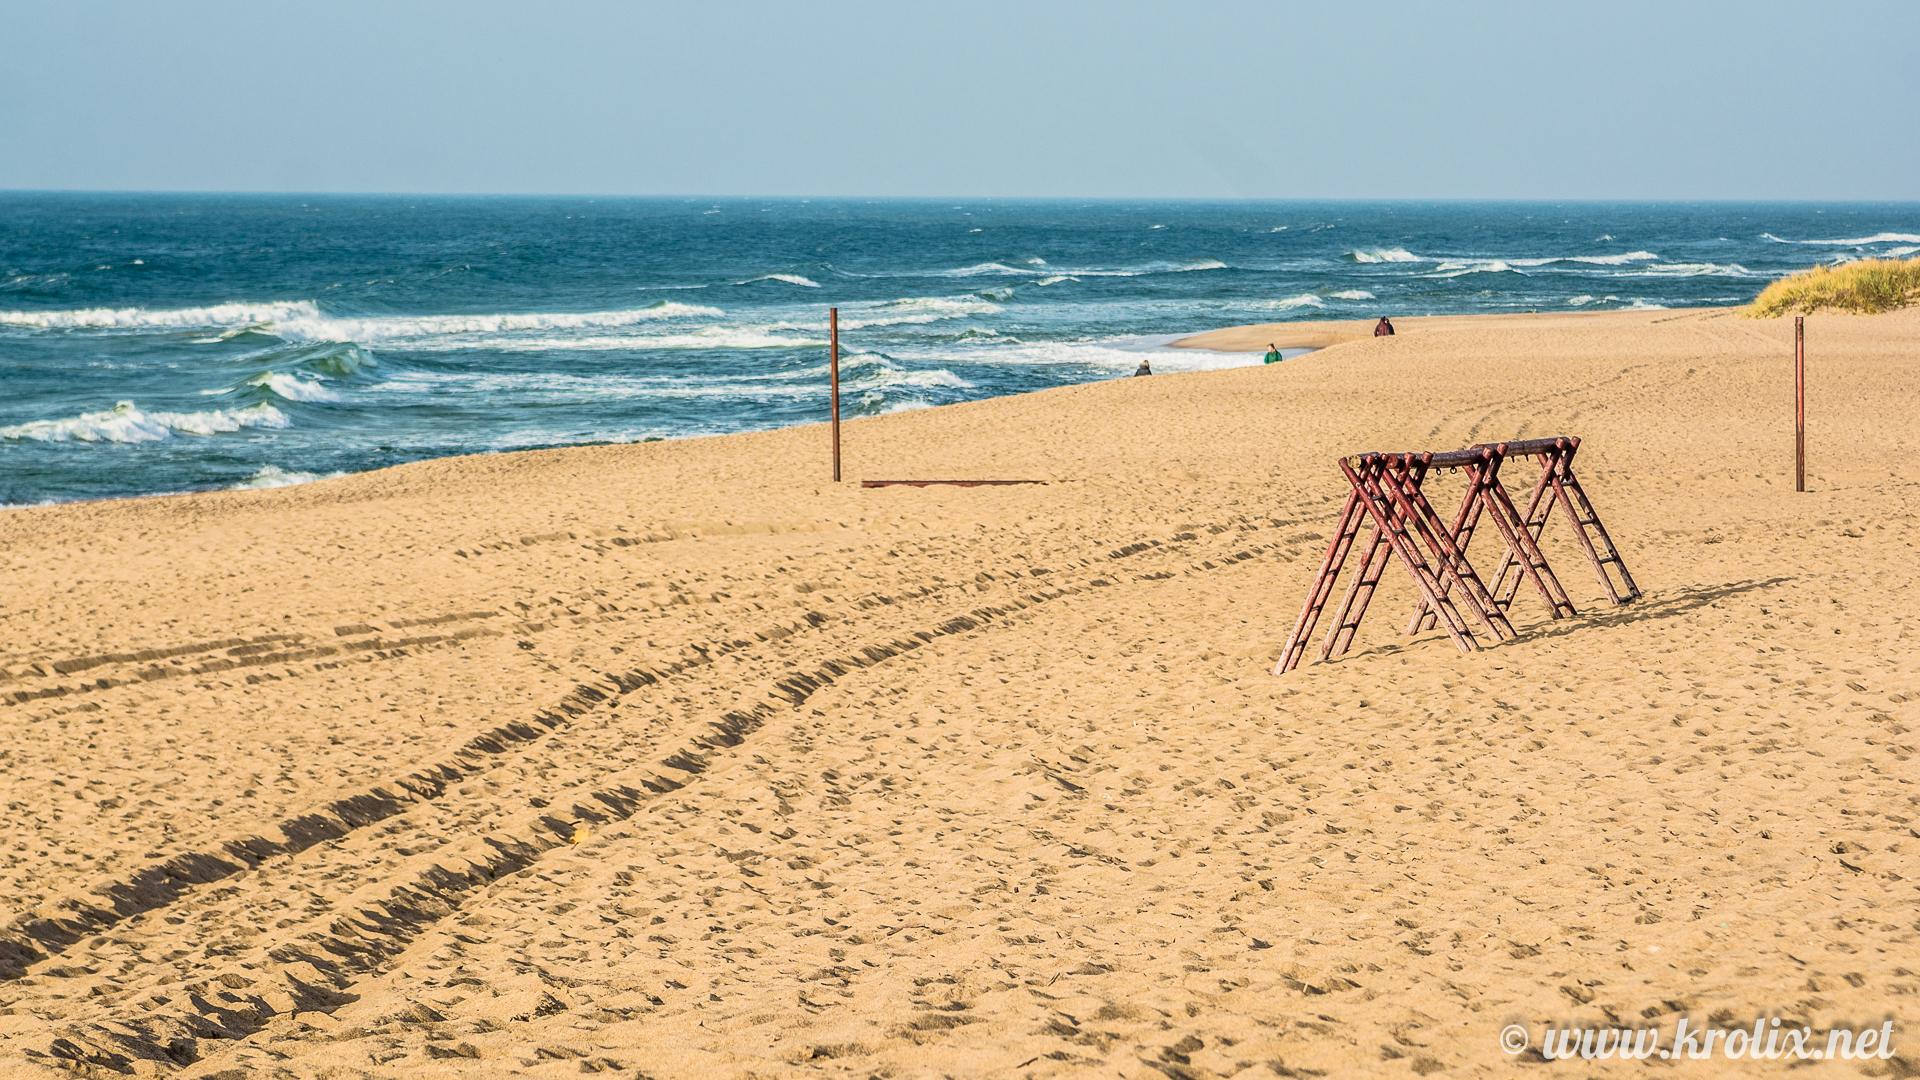 4. Пустынный пляж украшают лесенки непонятного предназначения.